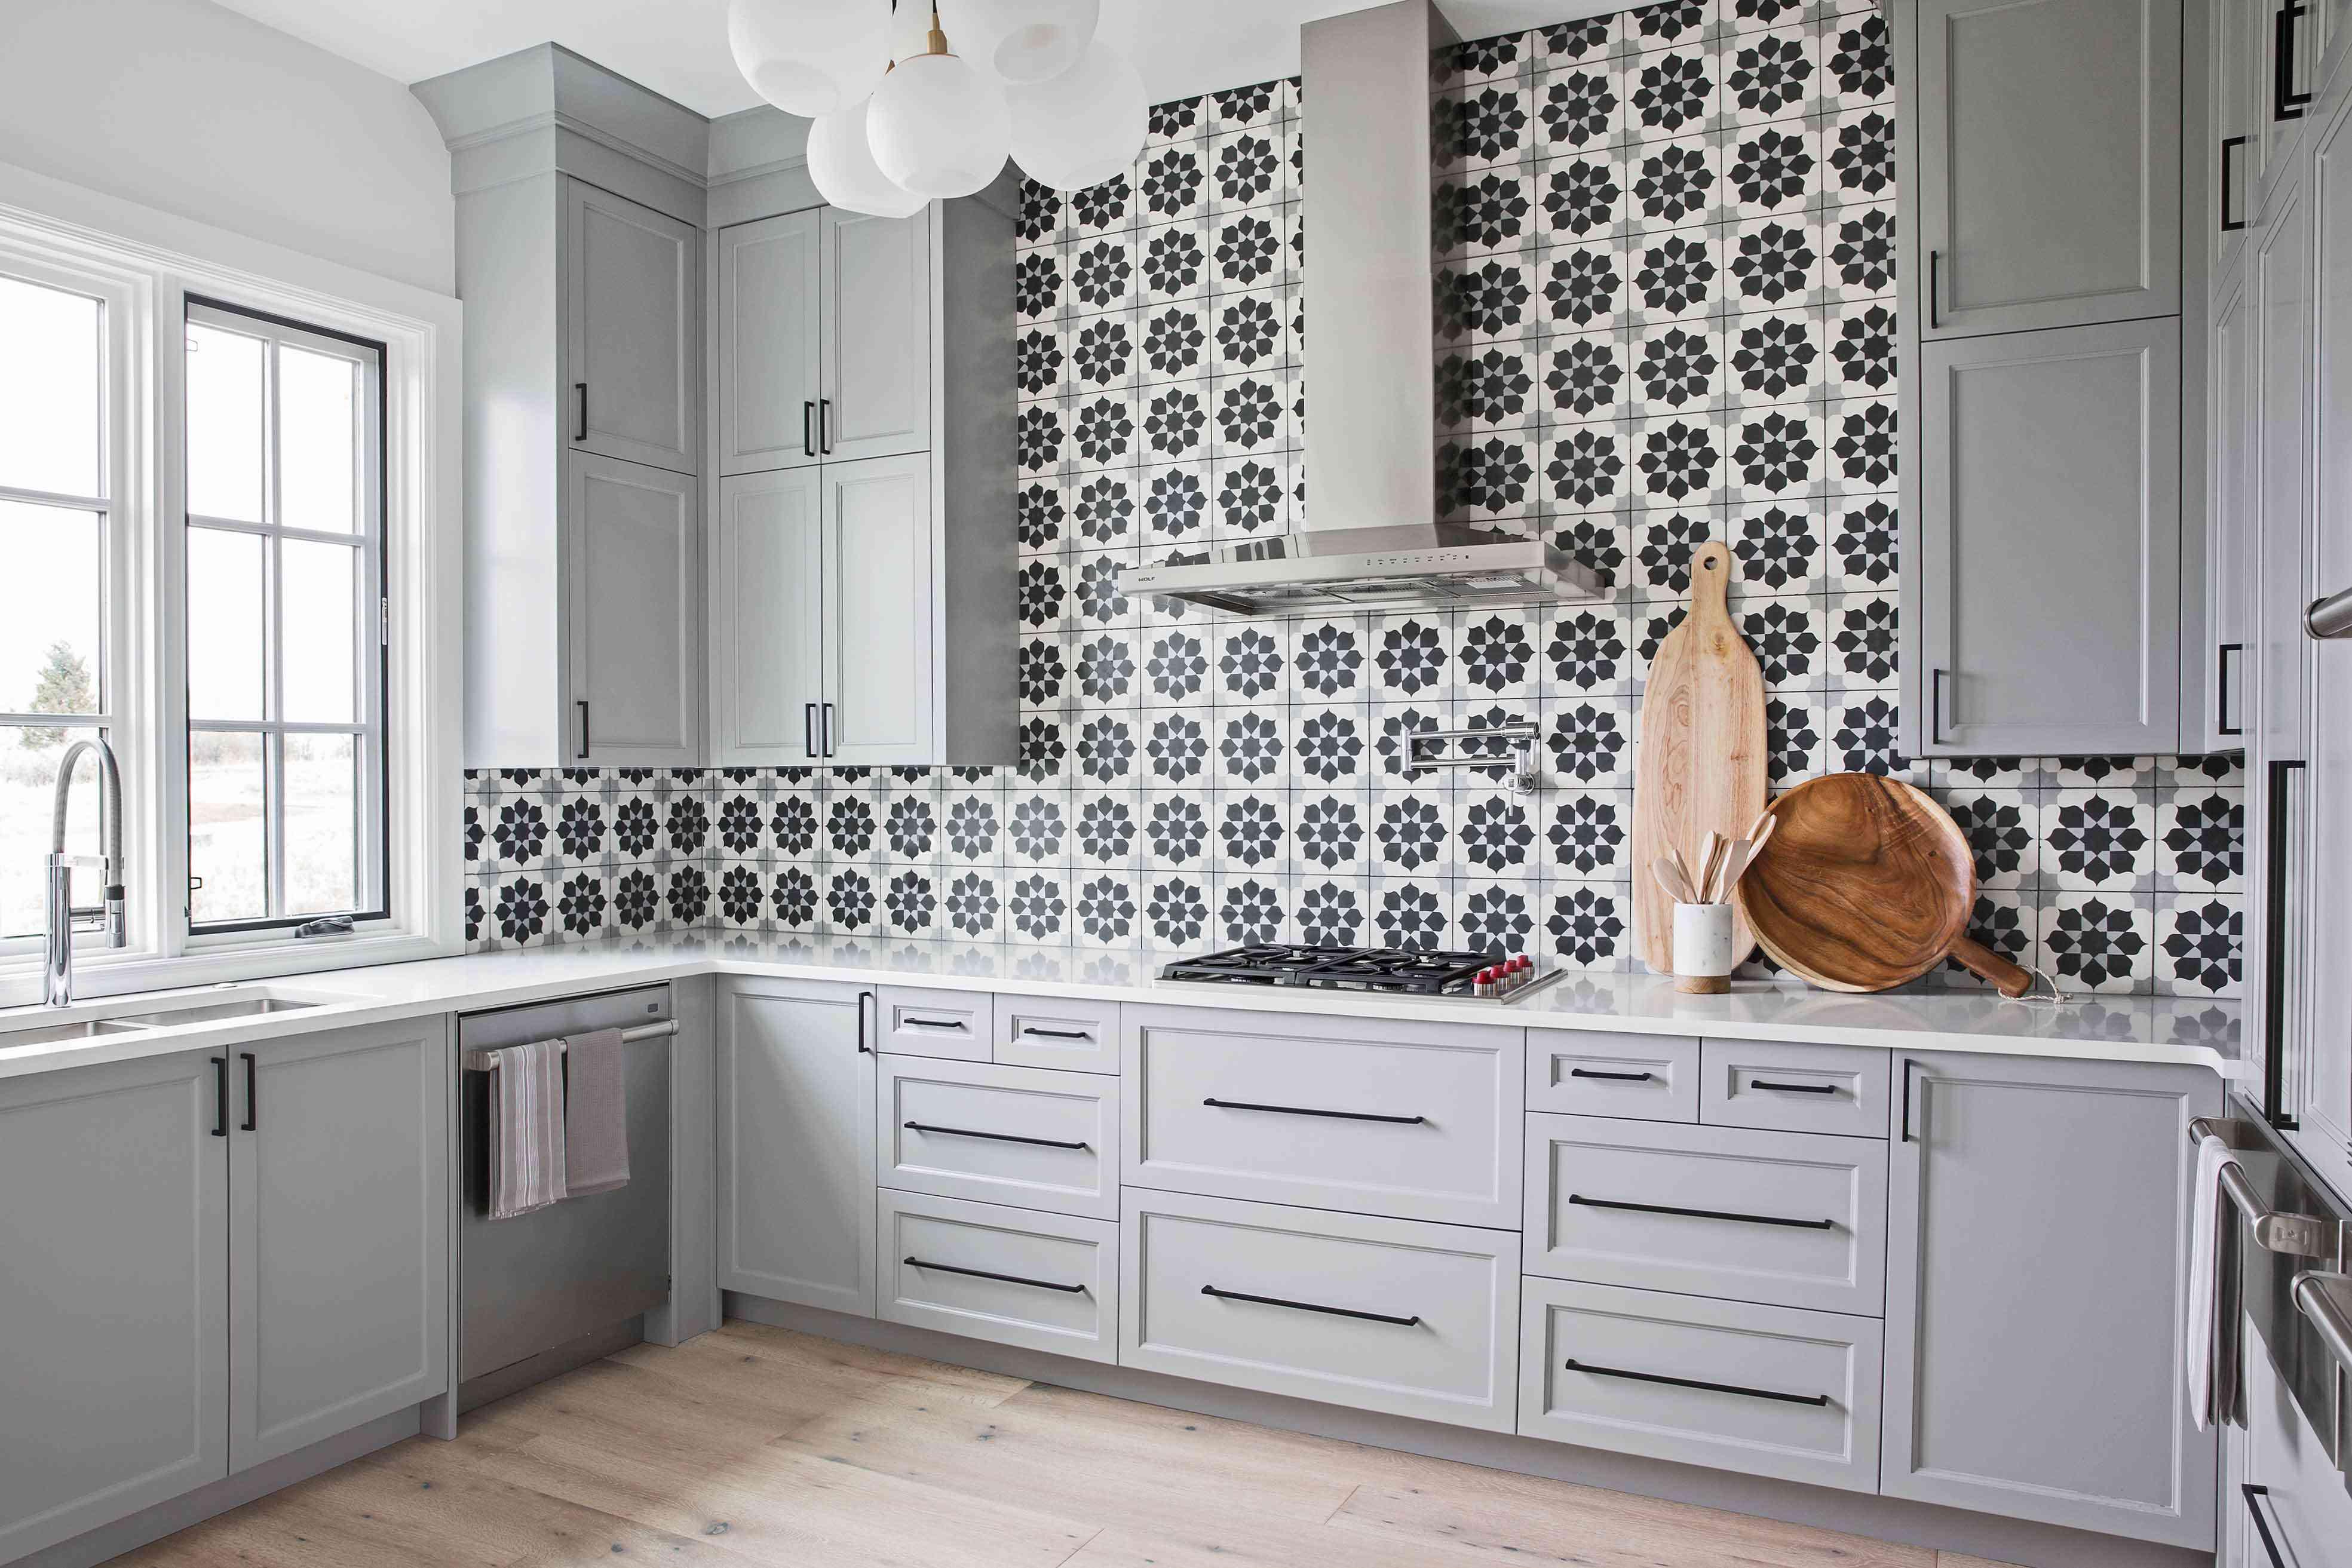 Graphic tile backsplash